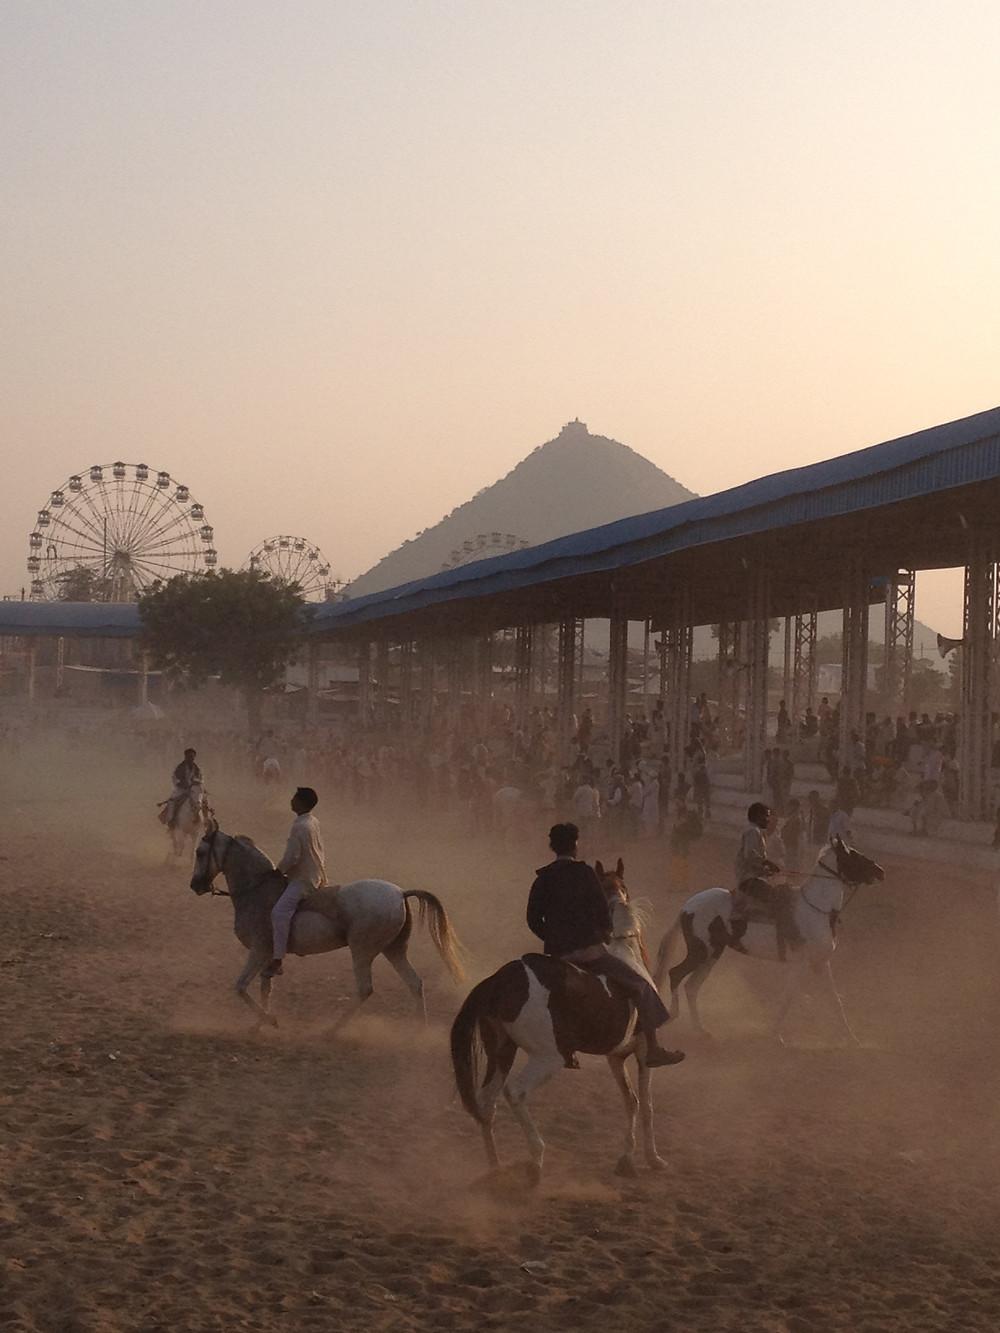 Horses at the Pushkar Camel Fair India